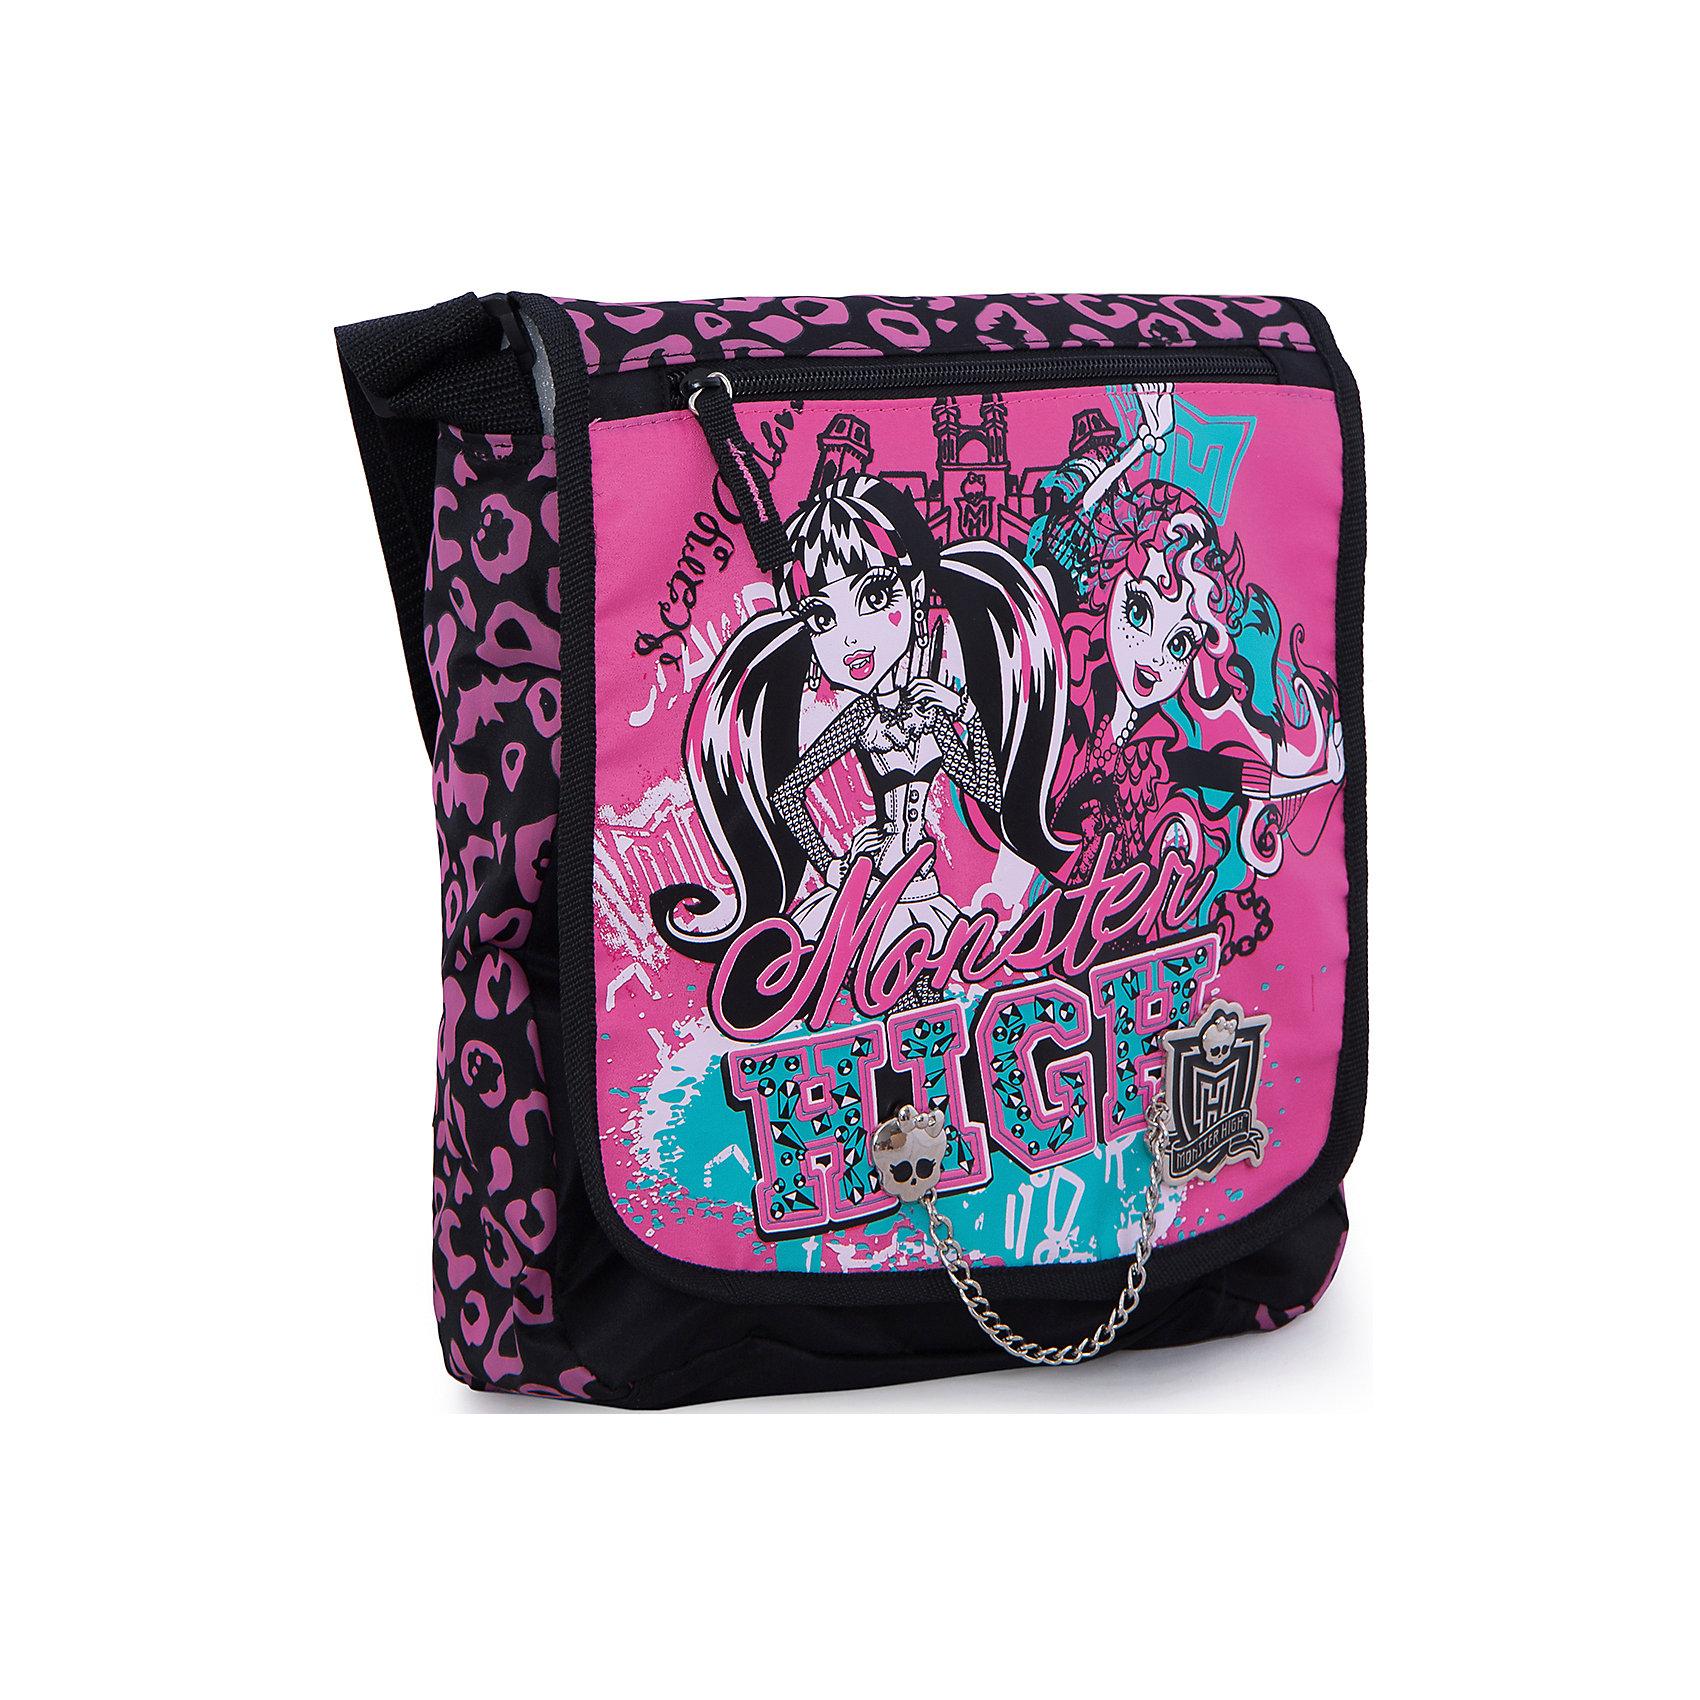 Сумка, Monster HighШкольные сумки<br>Стильная и практичная сумка Monster High (Школа Монстров) идеально подойдет как для дошкольниц, так и для девочек постарше, с ней удобно путешествовать и отправляться на длительные прогулки. В симпатичную сумку можно положить все самое необходимое, внутри одно вместительное отделение и карман на молнии. Кроме того дополнительно имеется большой карман на молнии на лицевой стороне и большой карман на липучке на тыльной стороне сумки. Сумка закрывается на клапан с застежкой липучка.<br><br>Плечевой ремешок регулируется по размеру. Сумка выполнена в розово-черная расцветке с изображением героинь популярного мультсериала Школа монстров.<br><br>Дополнительная информация:<br><br>- Материал: текстиль.<br>- Размер: 33 х 26 х 9 см.<br><br>Сумку Monster High можно купить в нашем интернет-магазине.<br><br>Ширина мм: 330<br>Глубина мм: 260<br>Высота мм: 90<br>Вес г: 500<br>Возраст от месяцев: 120<br>Возраст до месяцев: 144<br>Пол: Женский<br>Возраст: Детский<br>SKU: 3563323